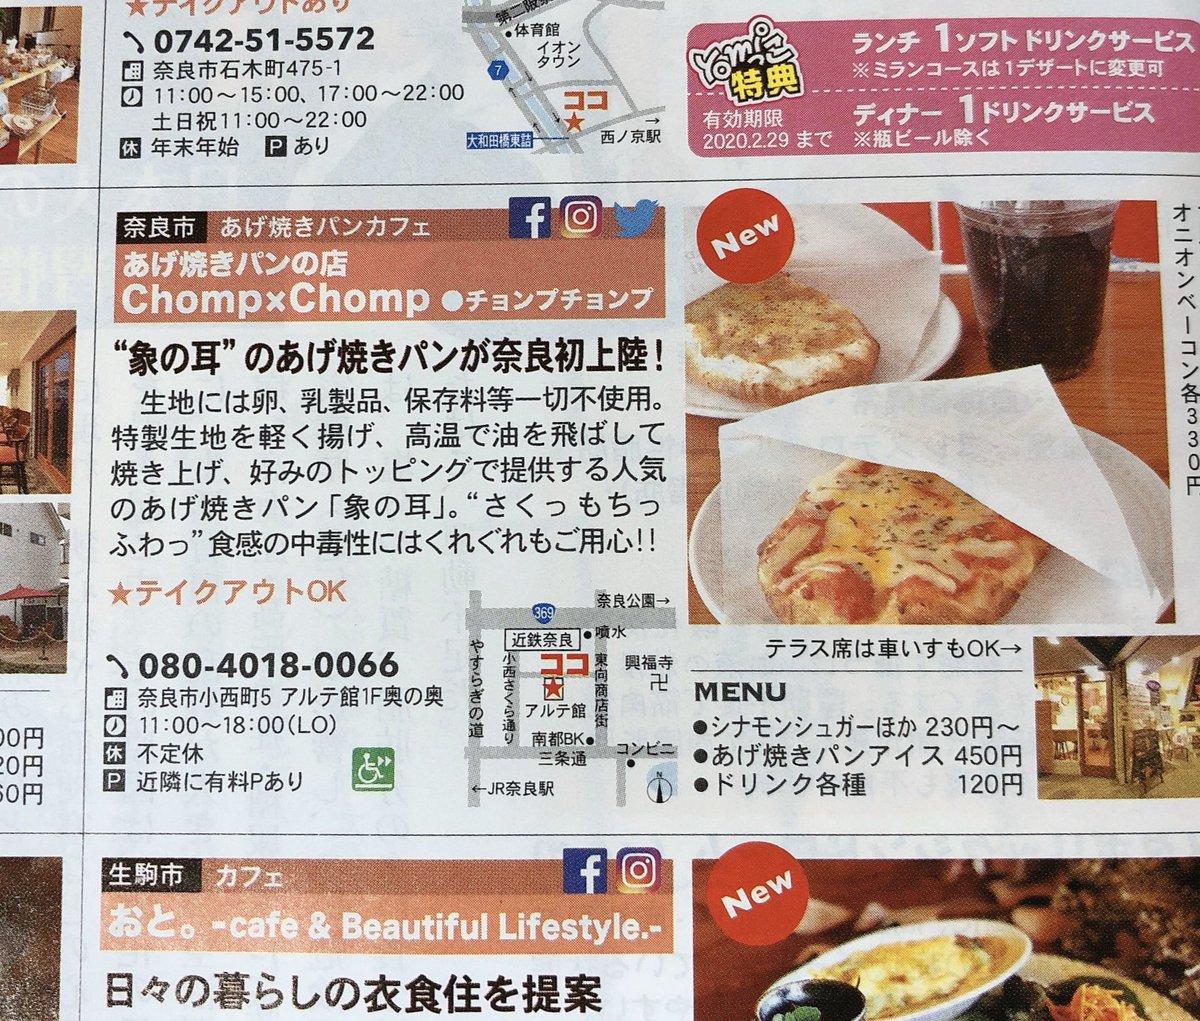 こんにちは😃チョンプ・チョンプです。 ・ 読売奈良ライフの「yomiっこ」2月号で当店を紹介していただきました‼️ 店内に掲示しておりますので是非お読みください😊 ・ 明日25日は奈良の若草山の山焼きがあります🦌 お越しになられる方は、天気が不安定ですのでお気をつけ下さい。 https://t.co/GDu6RjGYe6